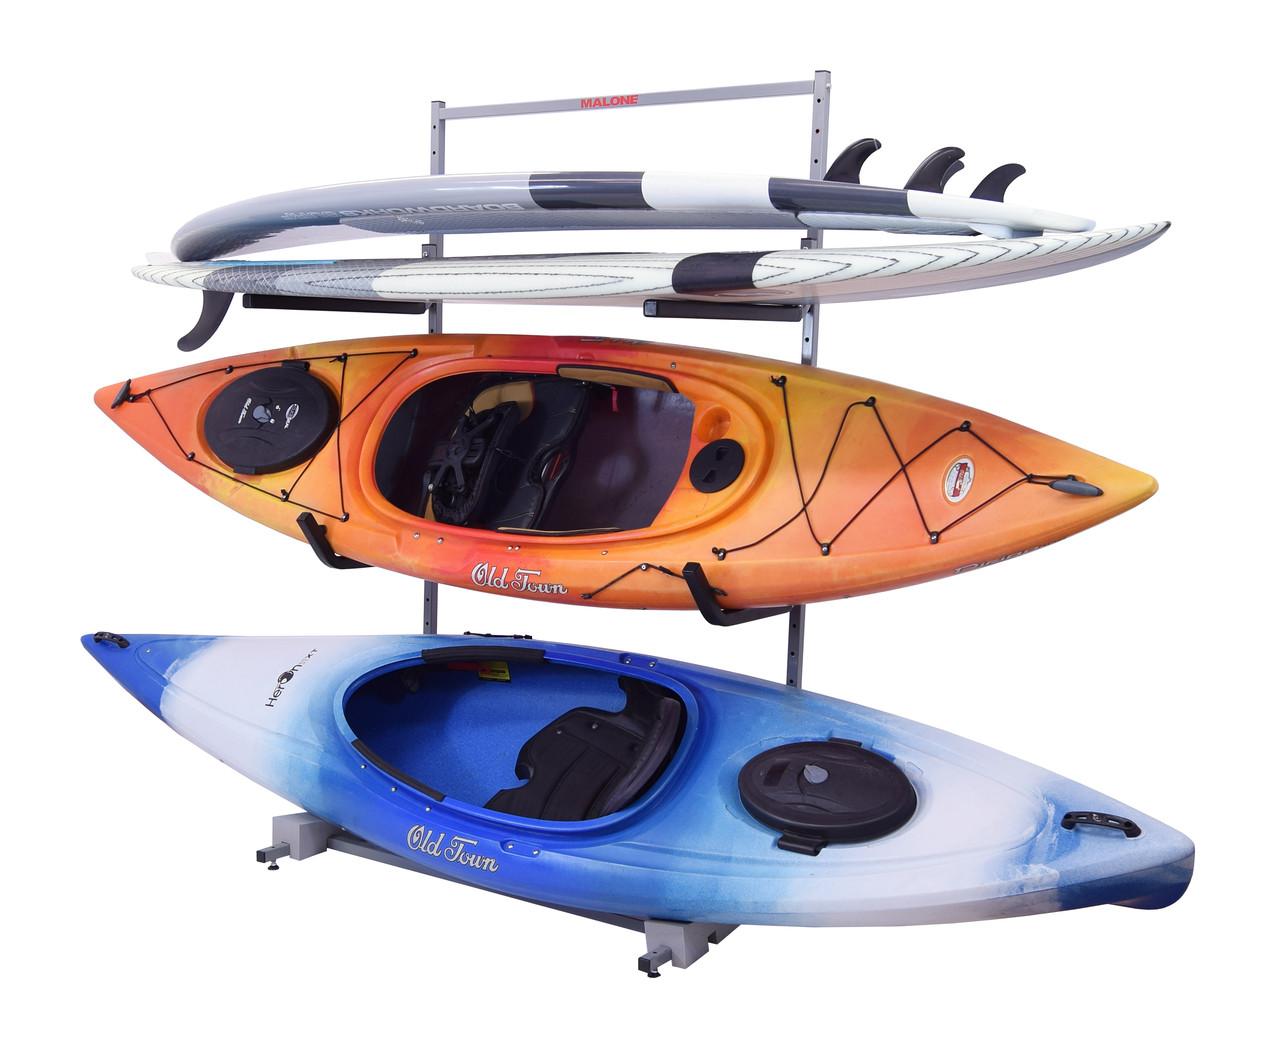 freestanding storage rack for 2 kayaks and 2 SUPs